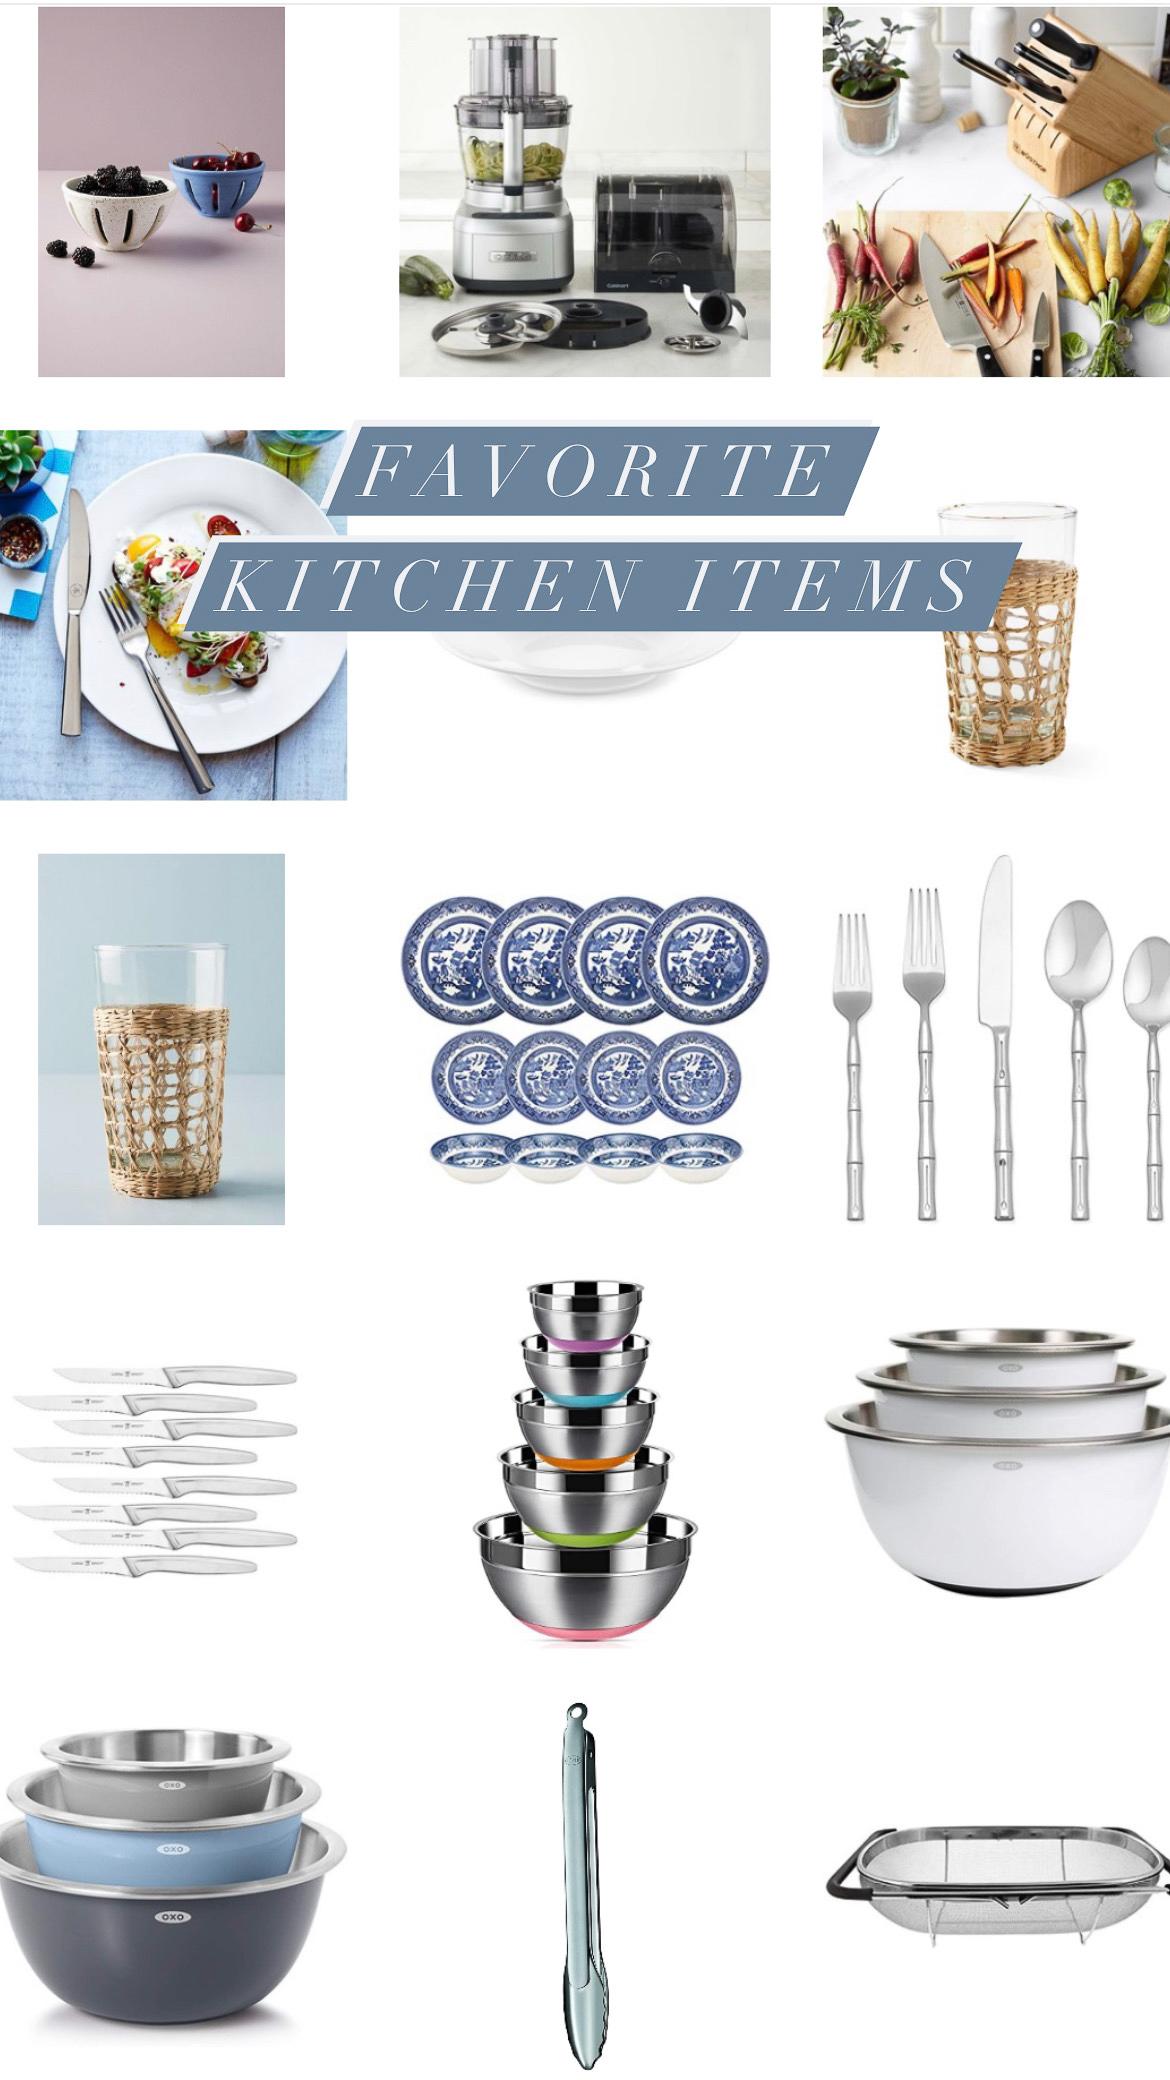 favorite kitchen items